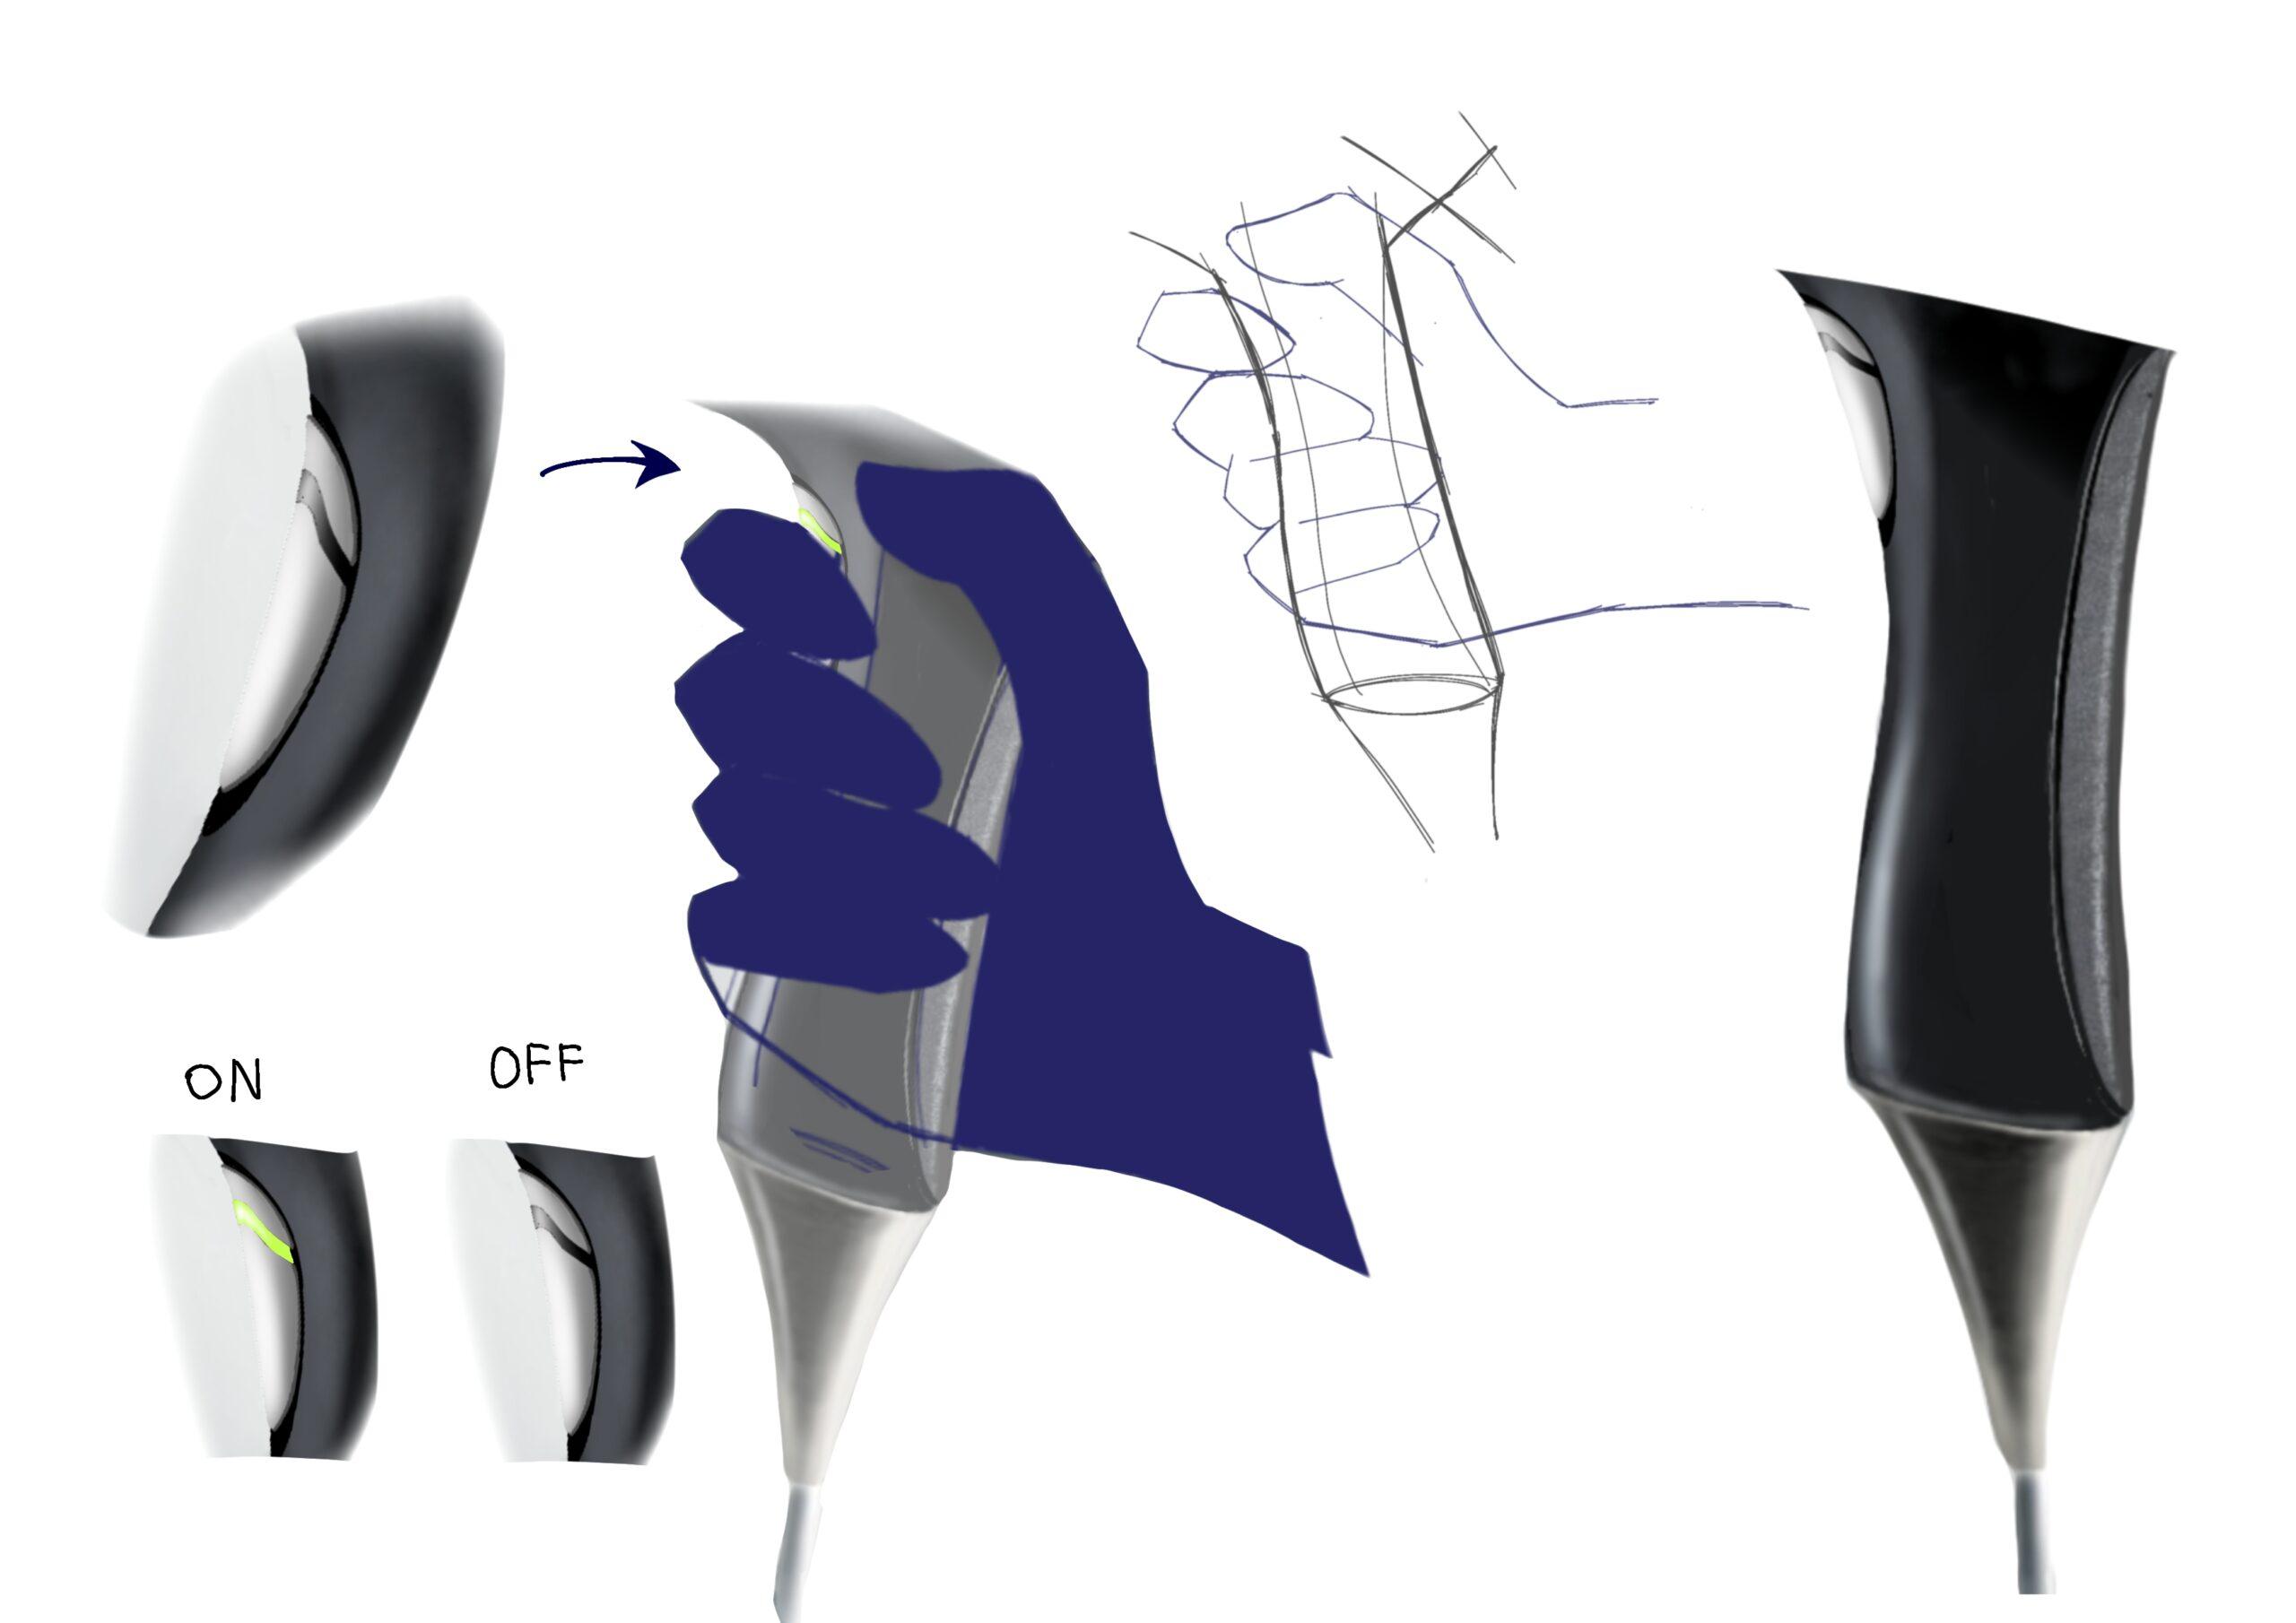 スイッチ部分に指をかざしている間、自動で送風し、離すと停止する。手の形に合わせて持ちやすいフォルムを選択。